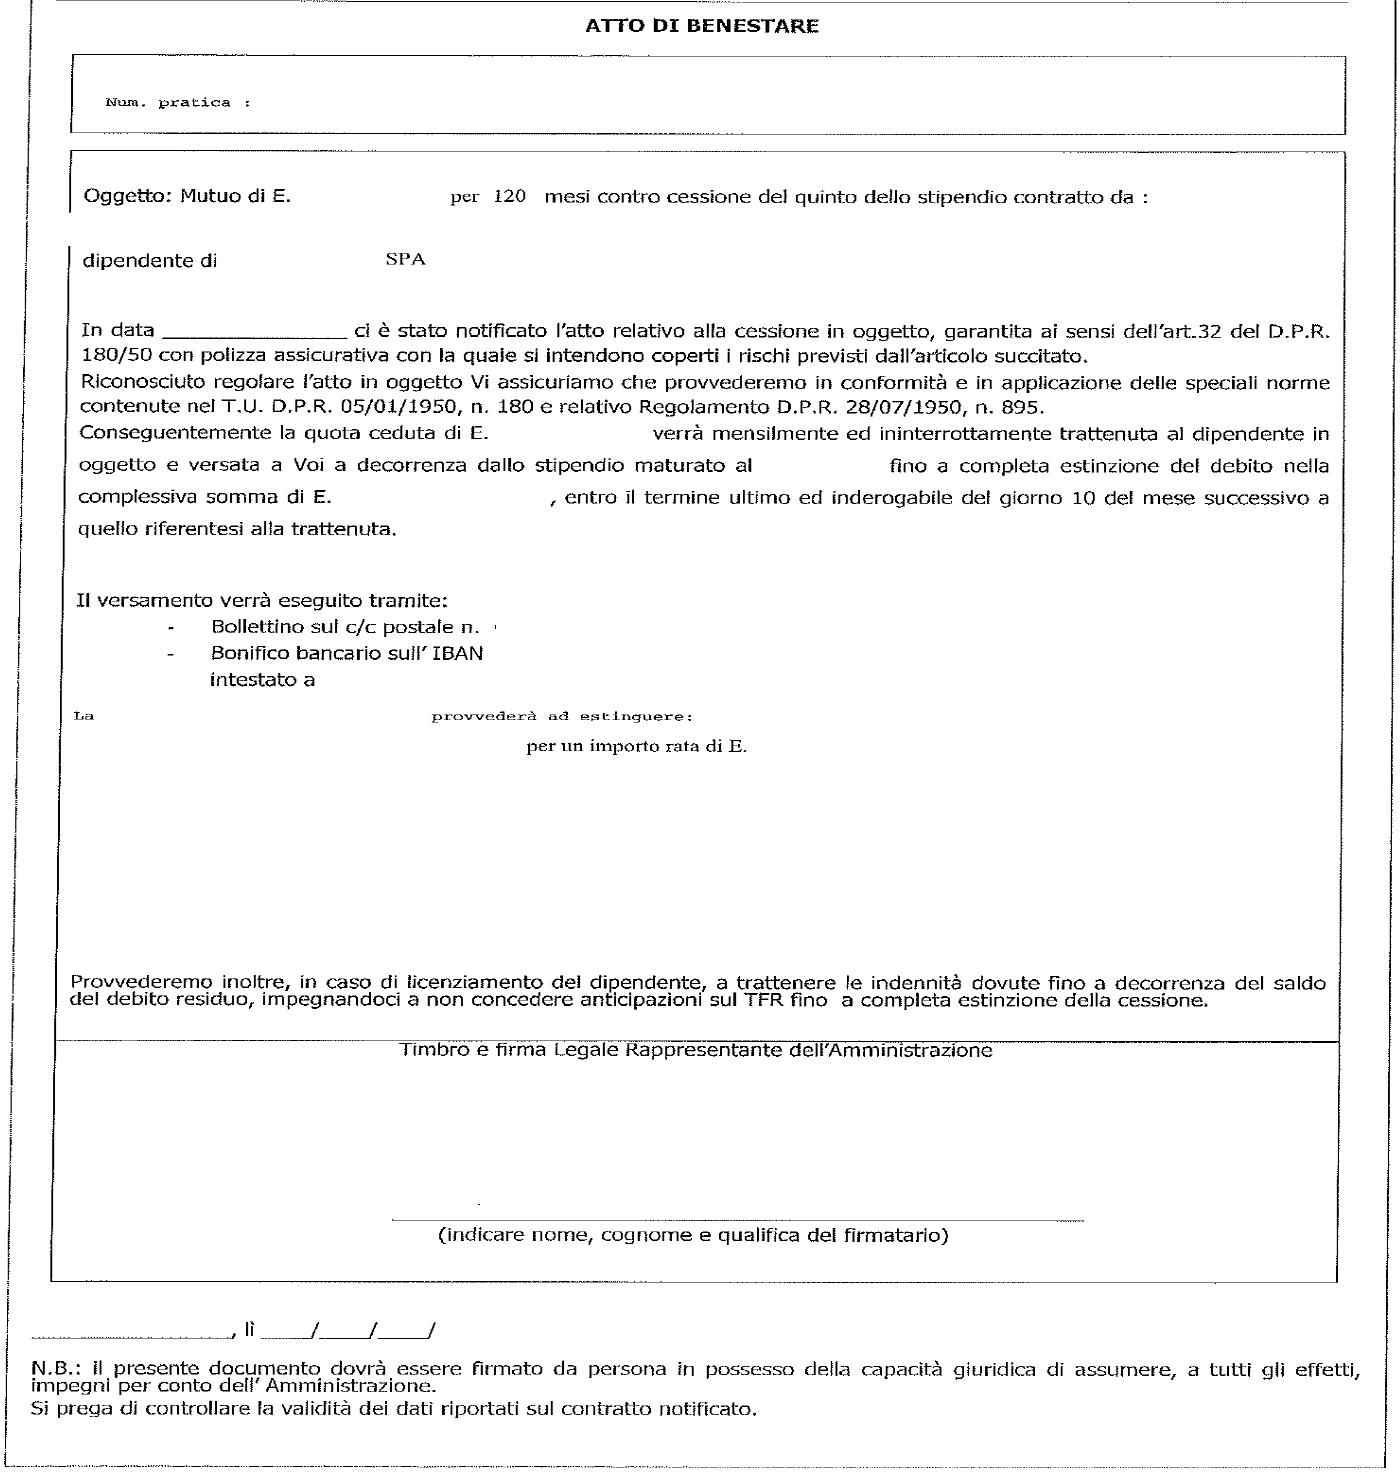 Cessione del Quinto - Atto di Benestare